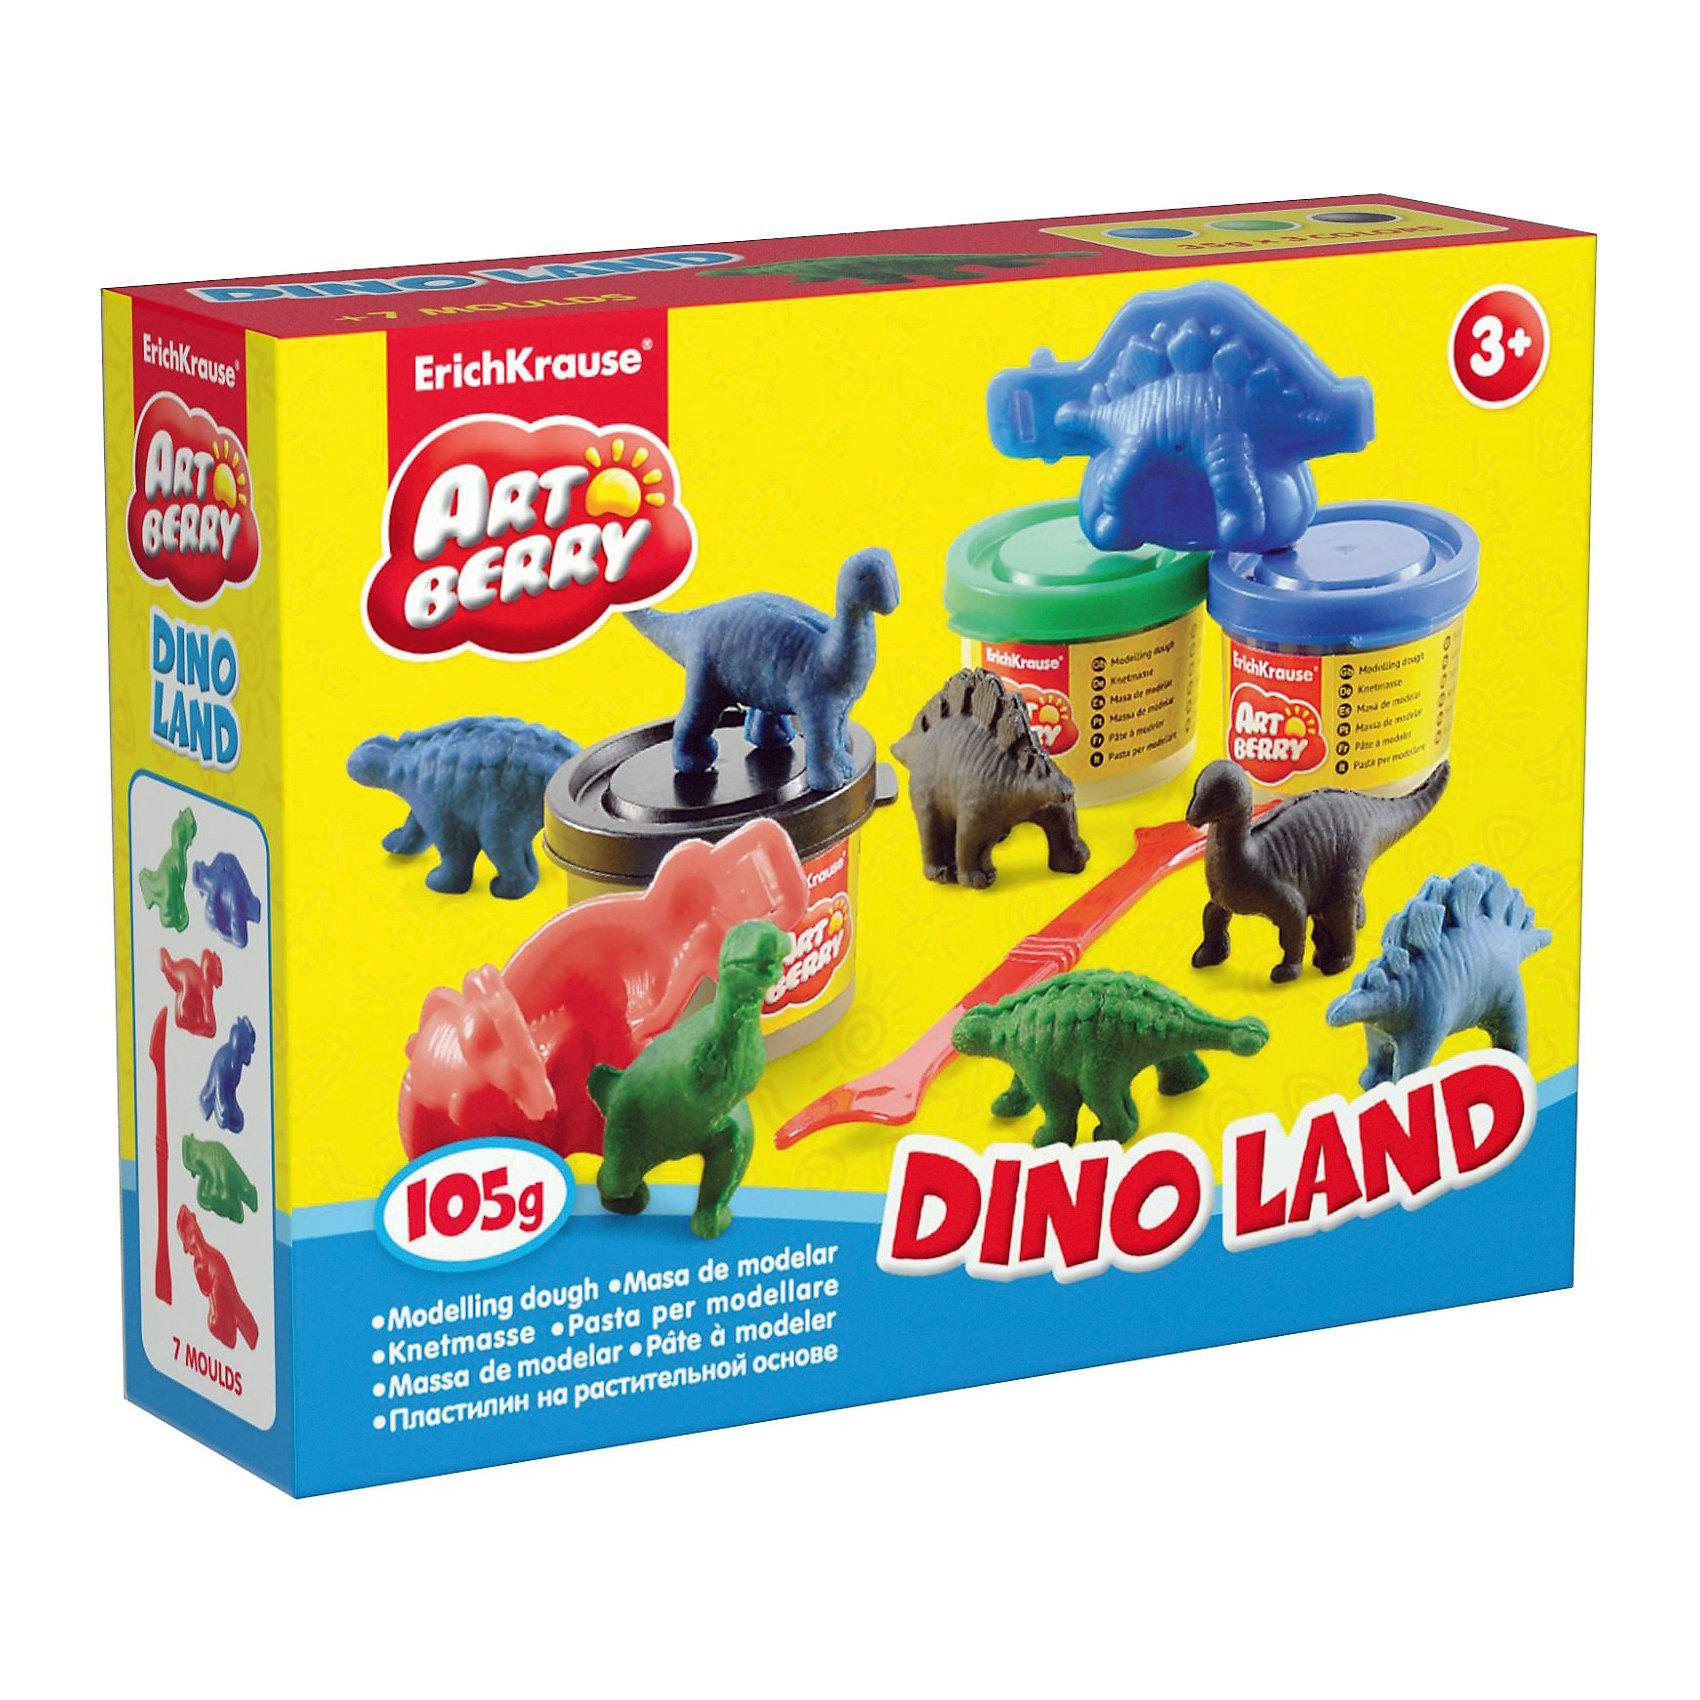 Набор для лепки Остров динозавров (10 предметов)Динозавры и драконы<br>Набор для лепки Остров динозавров (10 предметов) включает в себя 3 баночки пластилина (синий, черный, зеленый), 6 форм для лепки и удобный стек – все это поможет ребенку вылепить собственный парк динозавров. Разнообразие формочек позволит создать различные виды динозавров, как травоядных, так и хищников.<br><br>Характеристики:<br>-Сохраняет форму, не застывает на воздухе<br>-Произведен на основе натуральных растительных компонентов<br>-Не липнет к рукам или рабочей поверхности, не оставляет жирных пятен<br>-Лепка пластилином способствует развитию мелкой моторики, целеустремленности, терпения, творческих способностей<br><br>Комплектация: 3 баночки с разноцветным пластилином, 6 формочек, стек<br><br>Дополнительная информация:<br>-Вес в упаковке: 224 г<br>-Размеры в упаковке: 147х44х38 мм<br>-Длина стека: 14 см<br>-Масса брусочка пластилина: 35 г<br>-Материалы: пластилин, пластик<br><br>Набор для лепки динозавров является отличным подарком для детей, которые увлечены динозаврами, и откроет новые возможности для развития творческих способностей Вашего ребенка.<br><br>Набор для лепки Остров динозавров (10 предметов) можно купить в нашем магазине.<br><br>Ширина мм: 147<br>Глубина мм: 44<br>Высота мм: 38<br>Вес г: 224<br>Возраст от месяцев: 36<br>Возраст до месяцев: 144<br>Пол: Унисекс<br>Возраст: Детский<br>SKU: 4058316